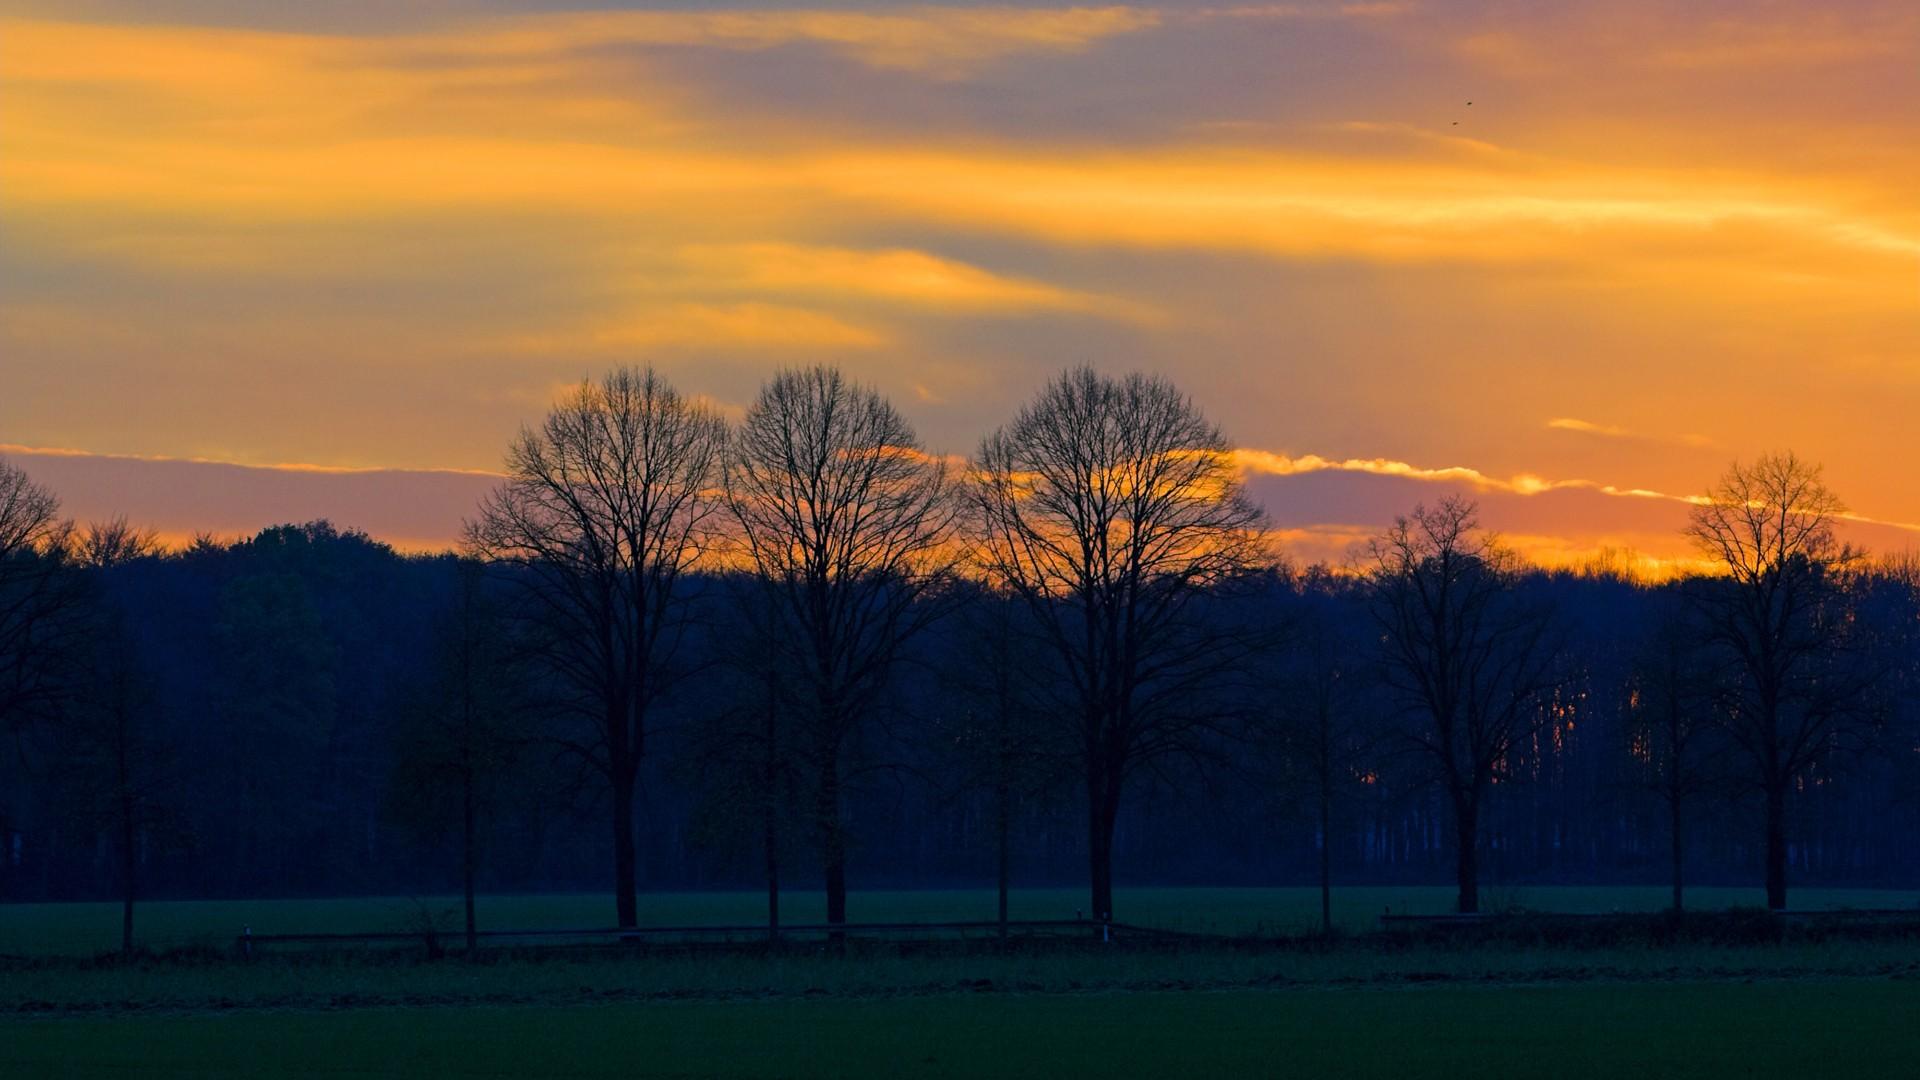 风景夕阳-壁纸桌面图片